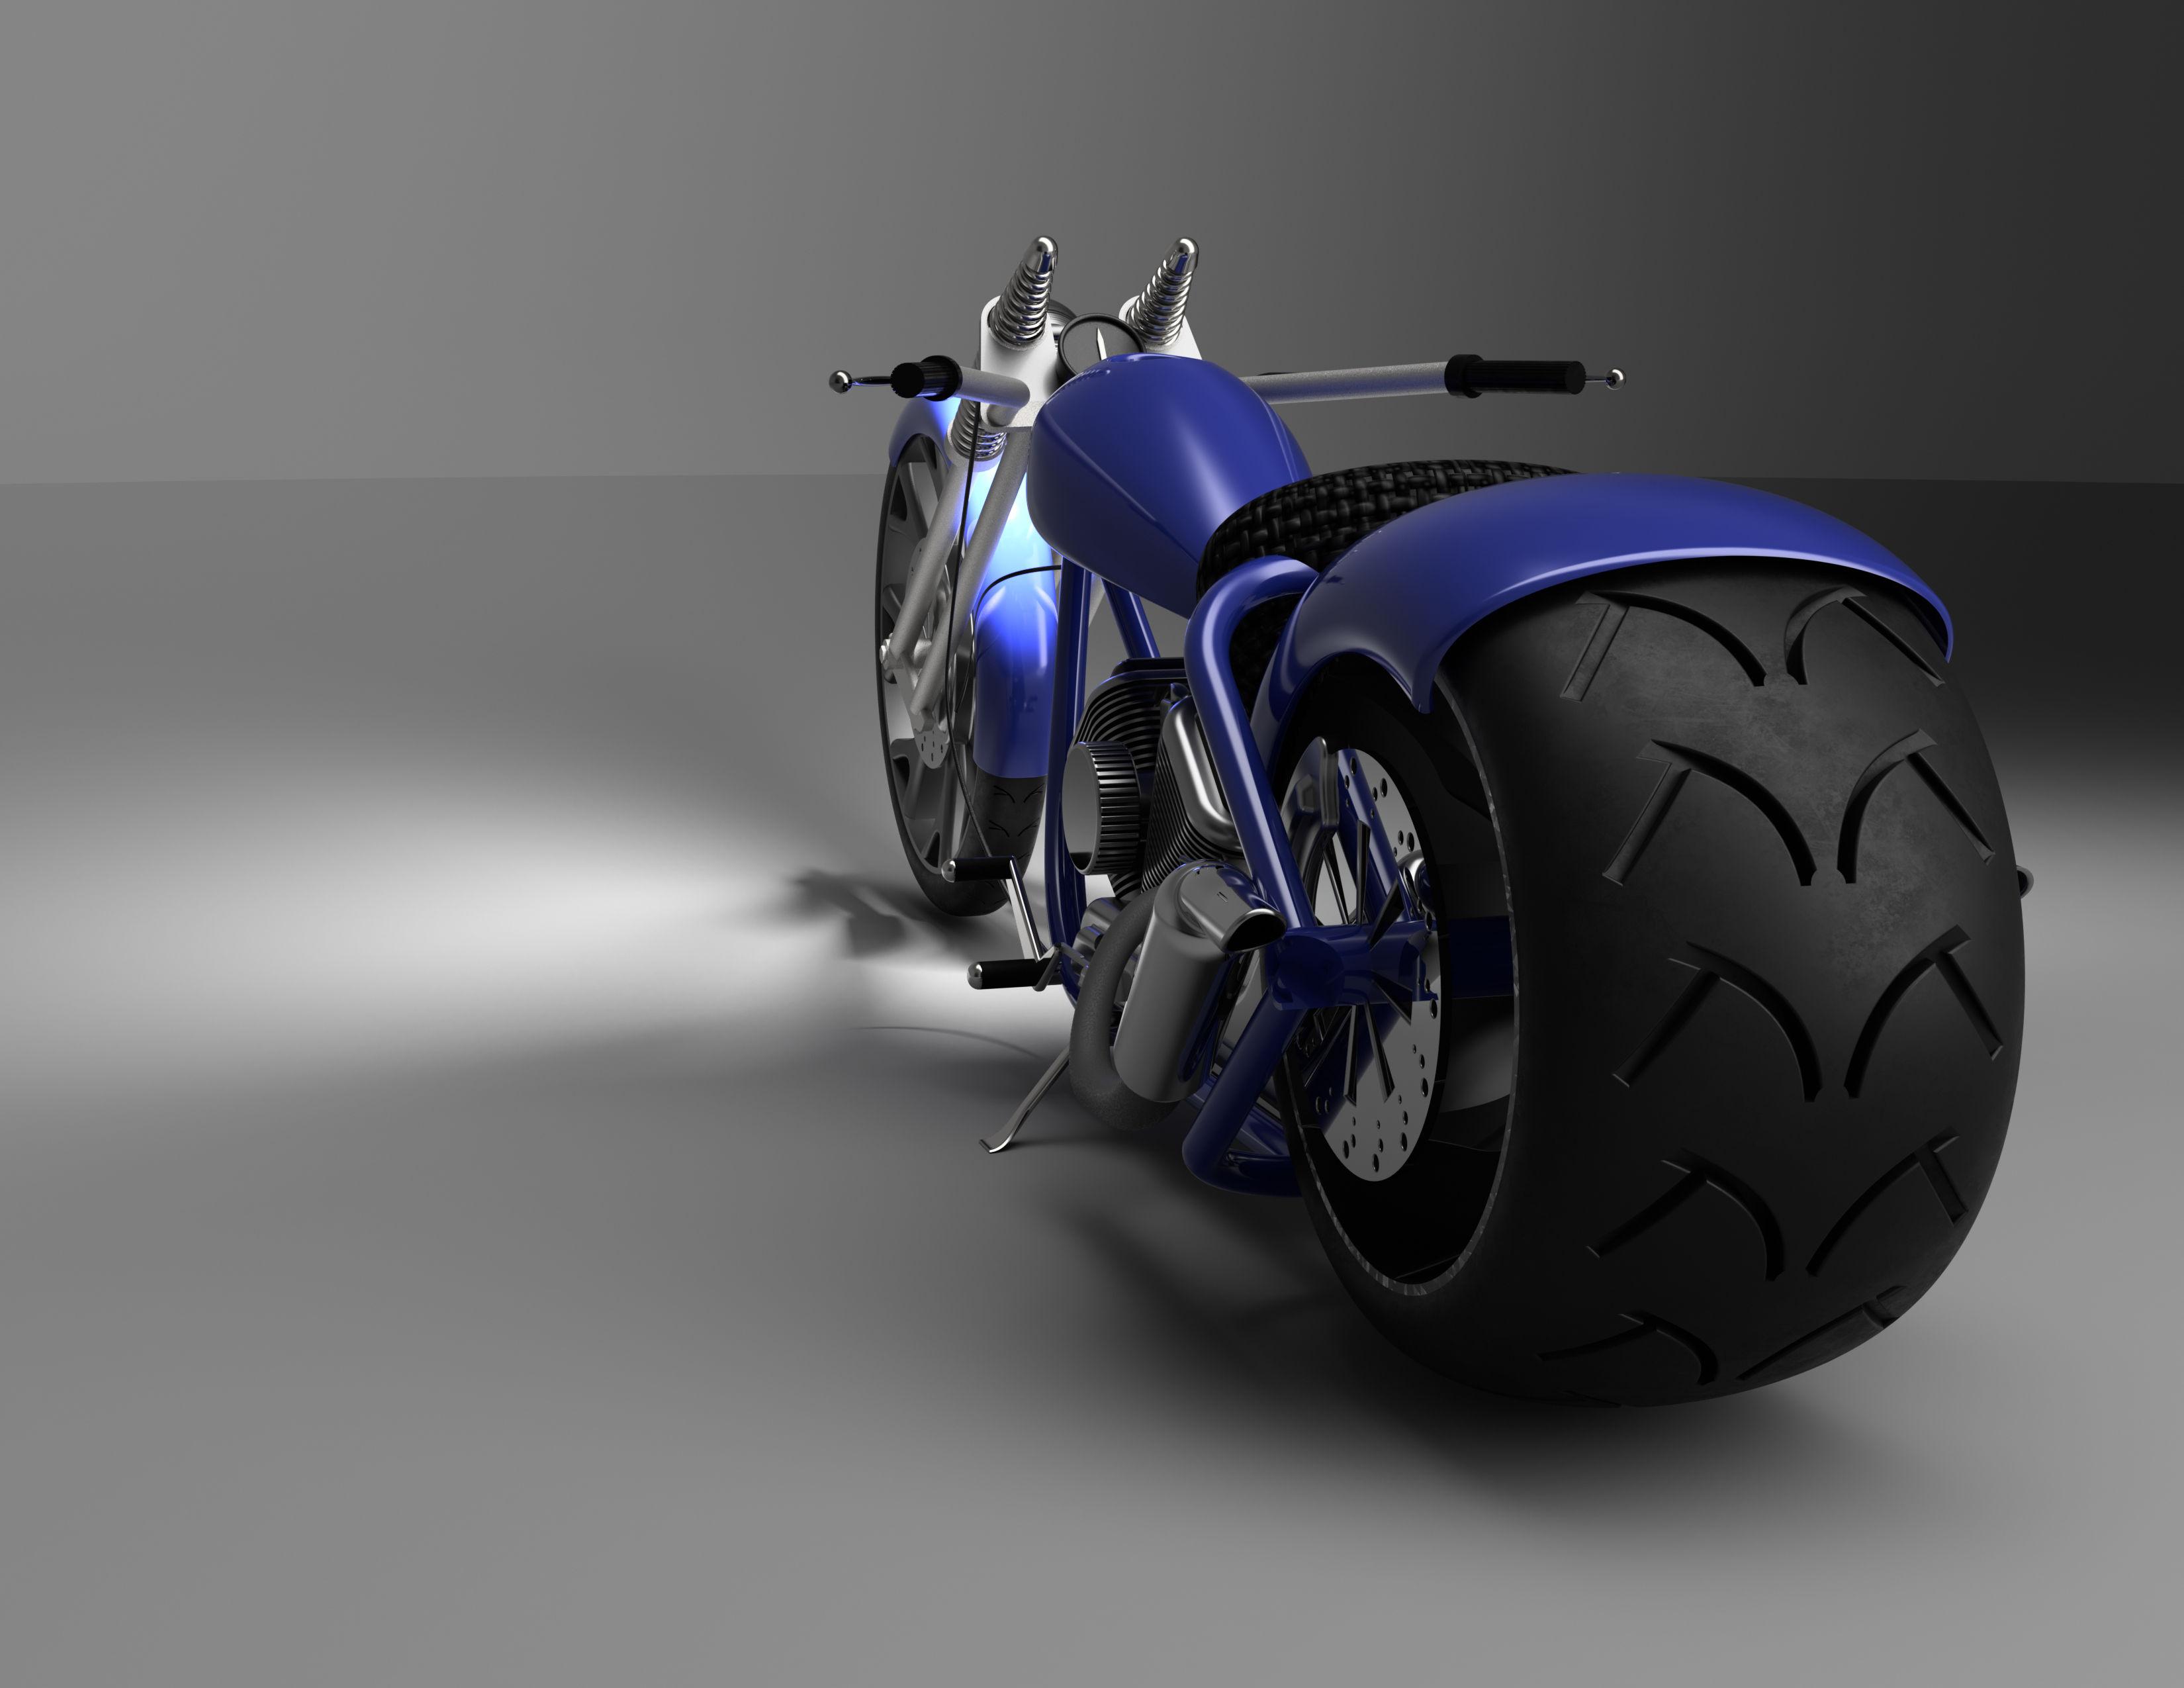 Blue-1-3500-3500